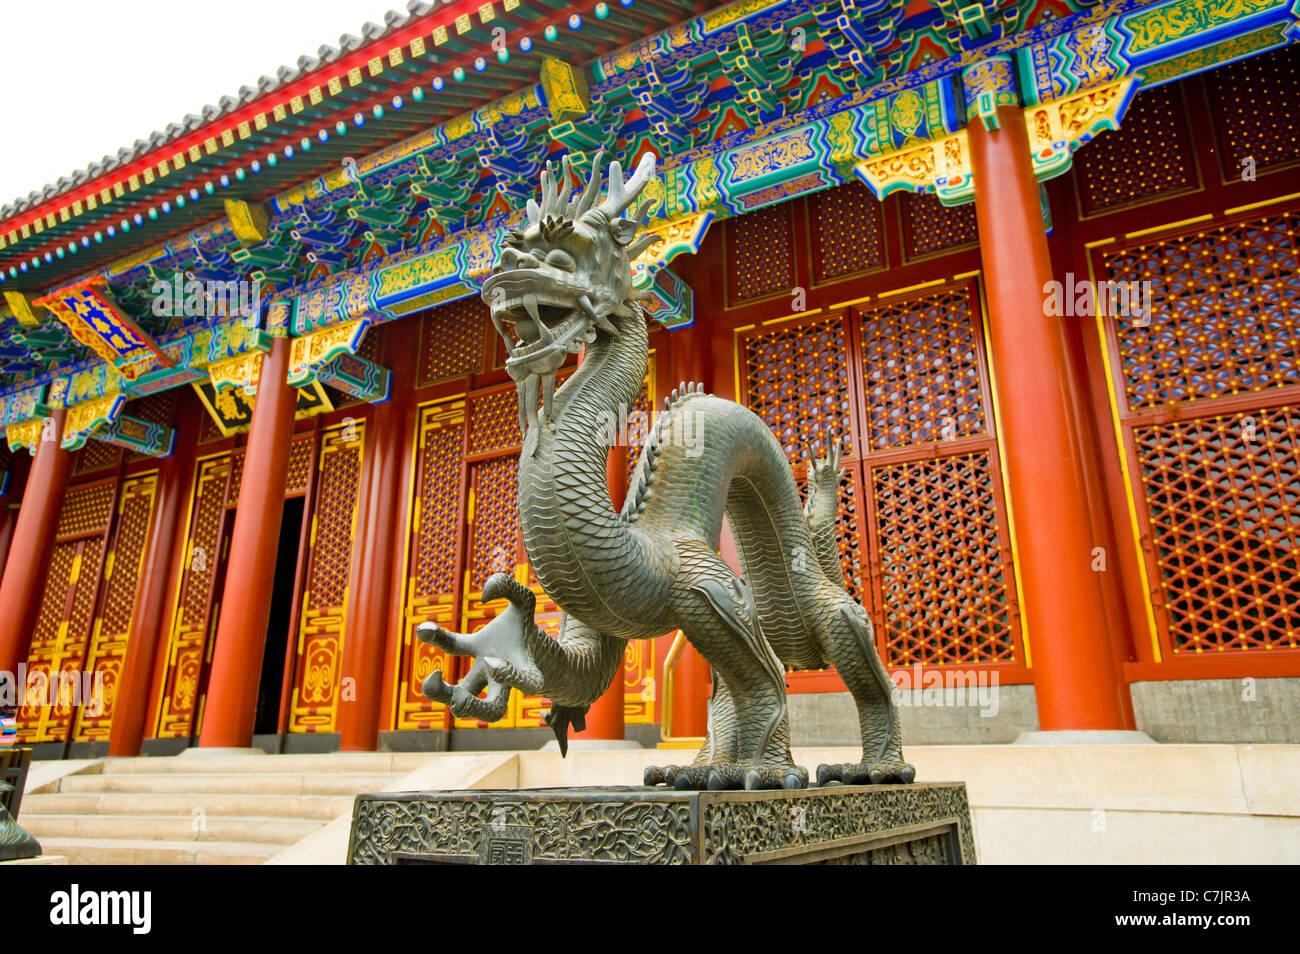 Sala della benevolenza e della longevità Pechino Beijing Summer Palace giardini del nutrito armonia tranquillo Immagini Stock